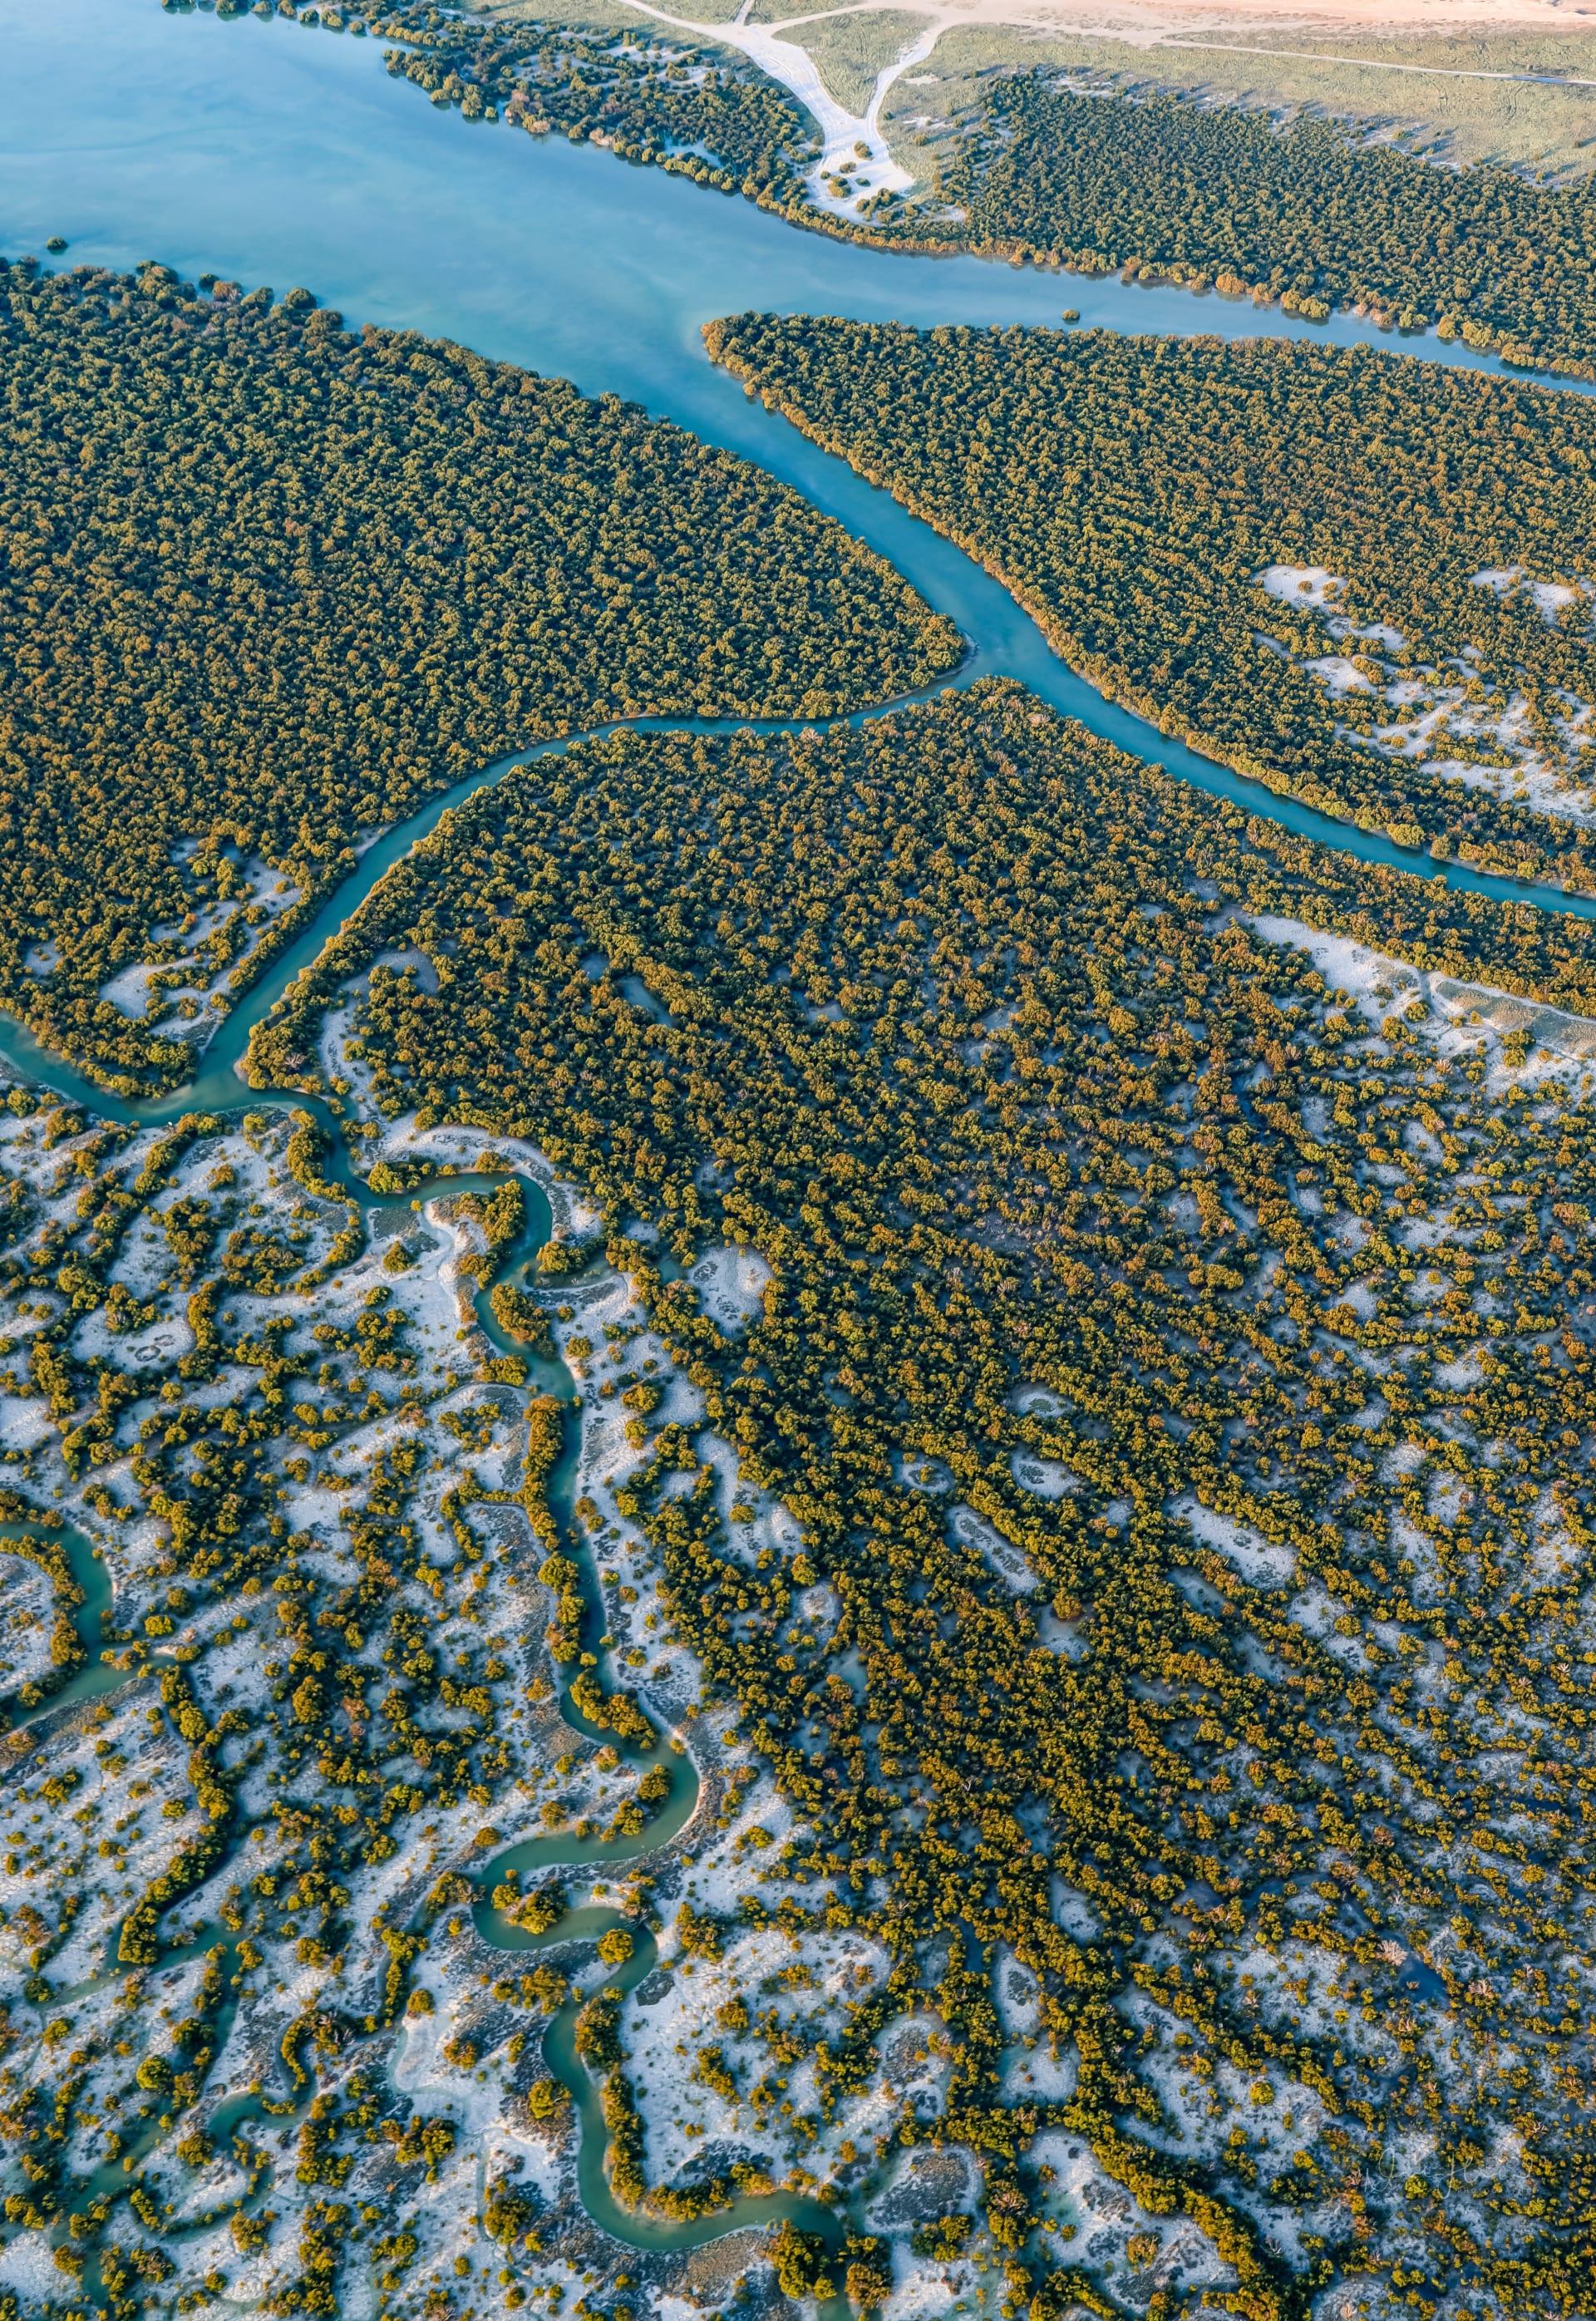 قطر من فوق.. مصورة توثق مشاهد جوية حالمة لأشجار القرم الزاهية في الذخيرة